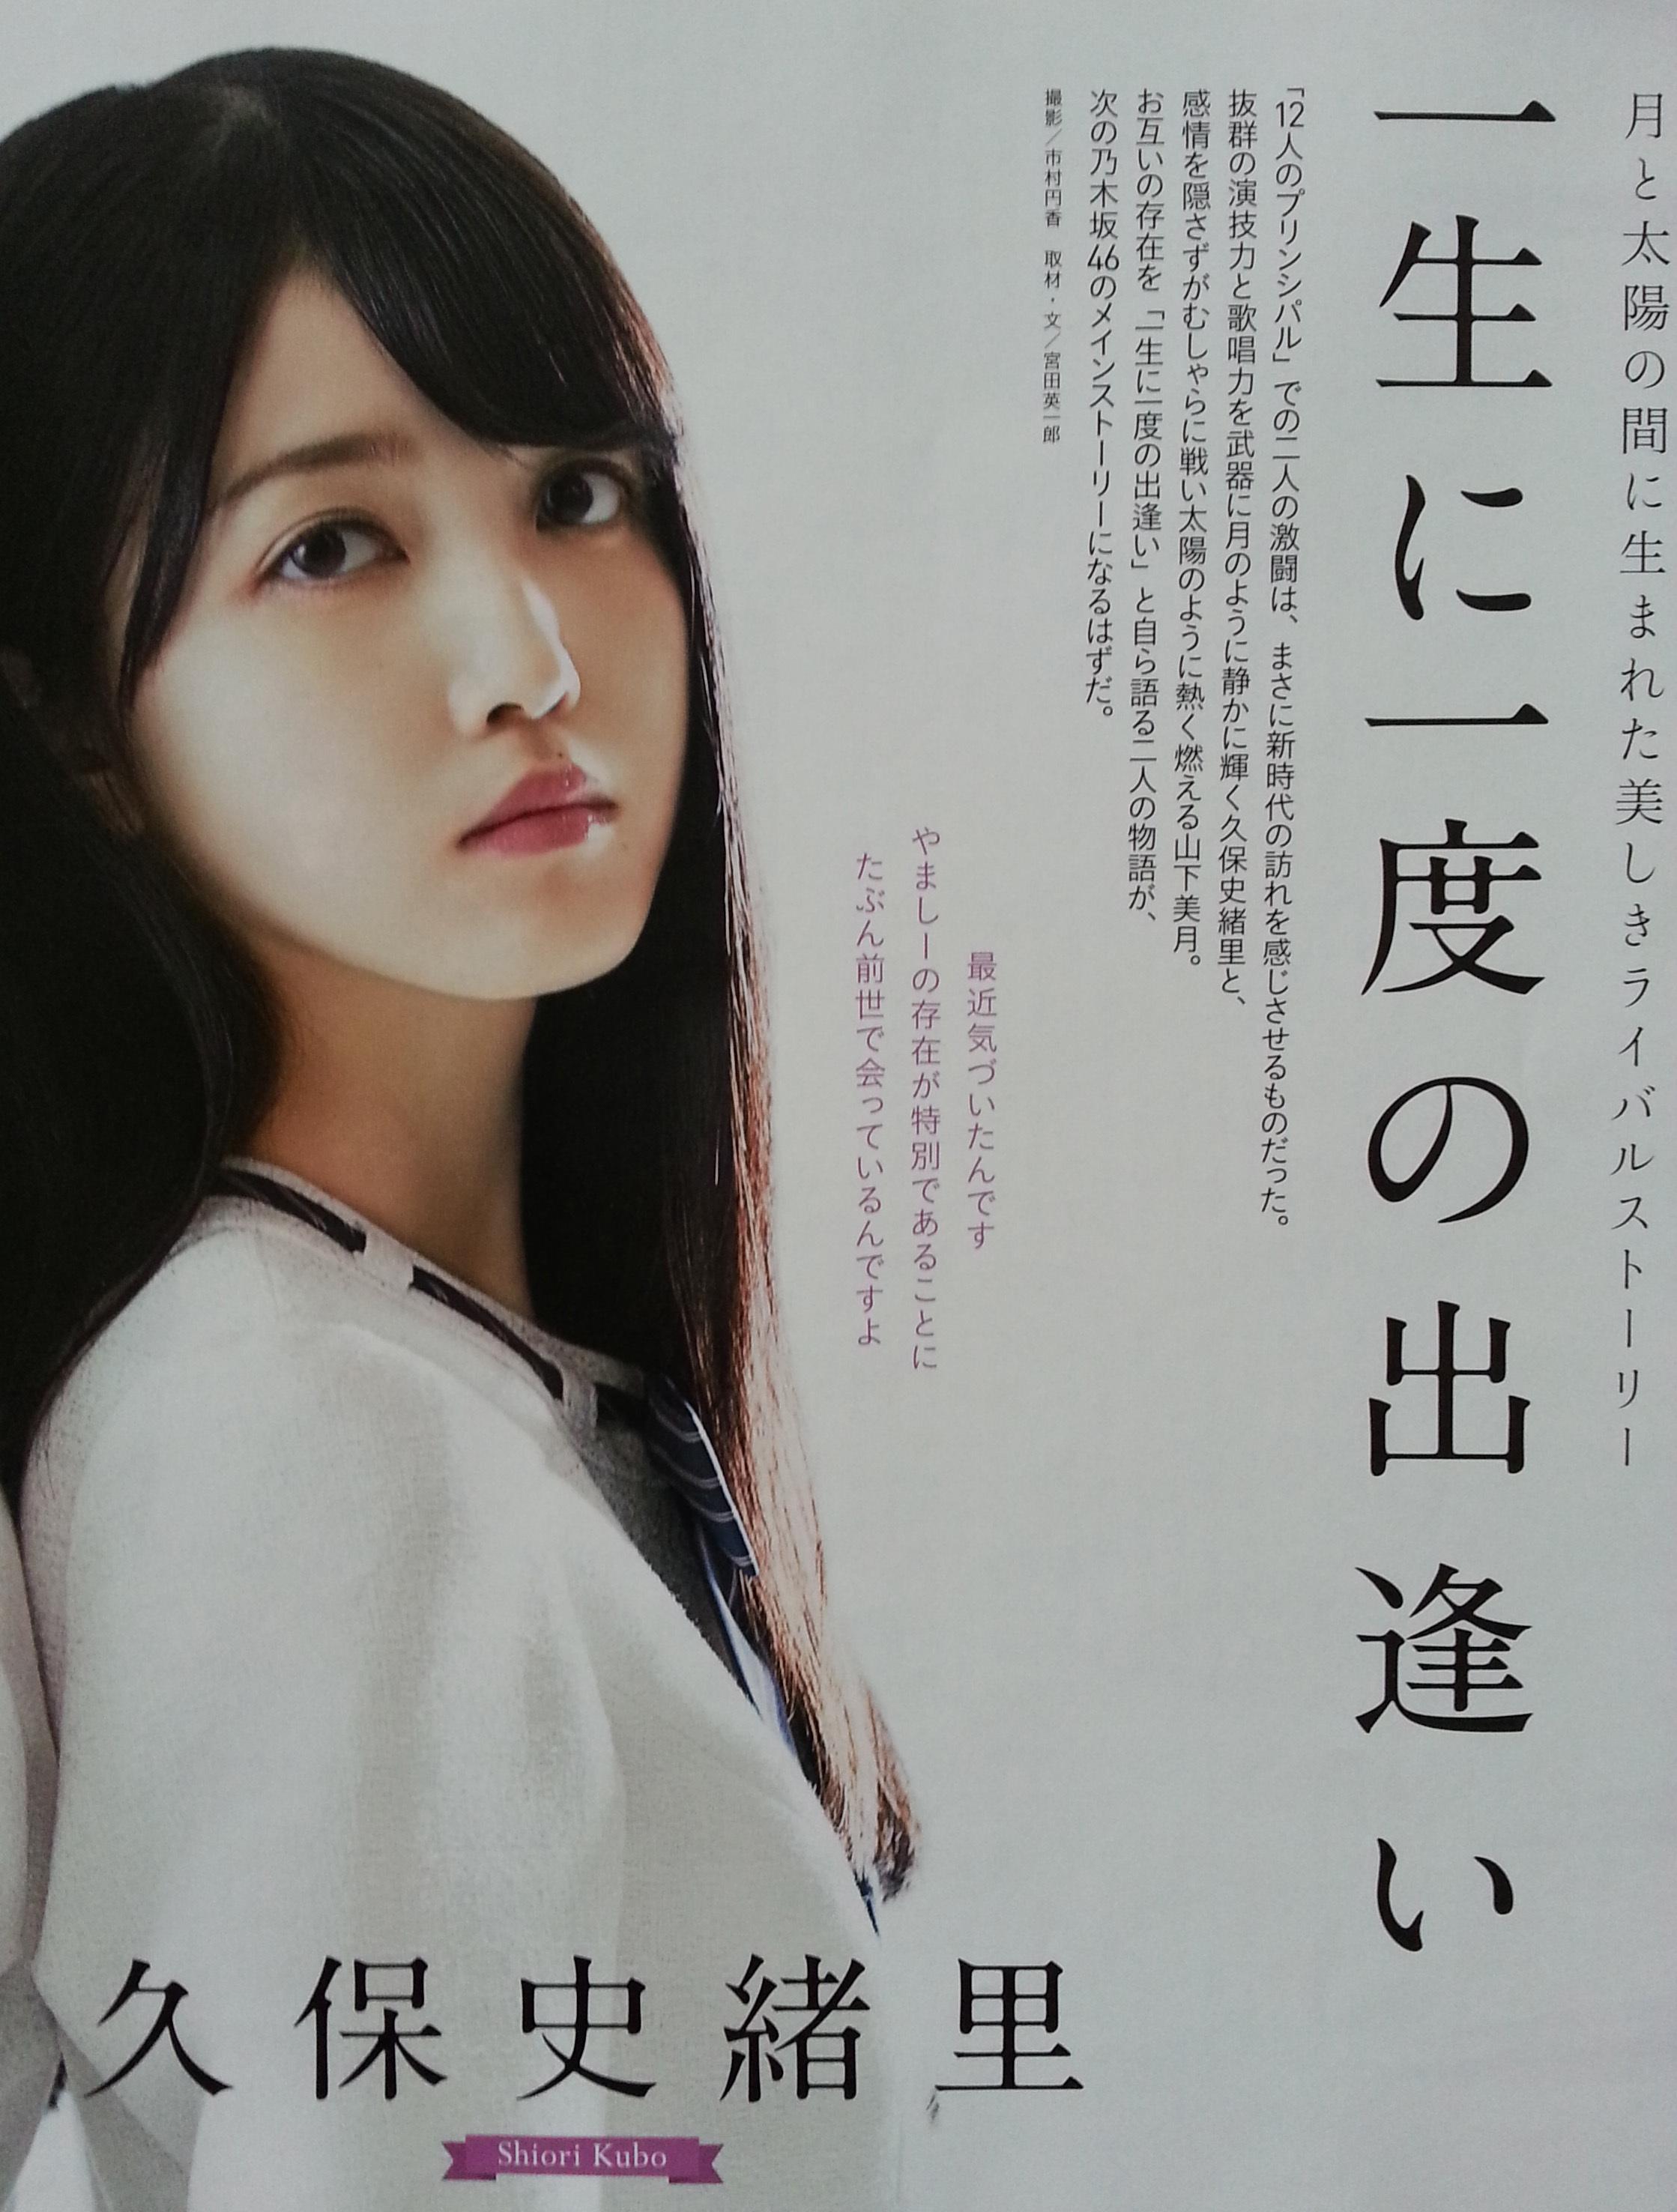 づっきーしーちゃん1